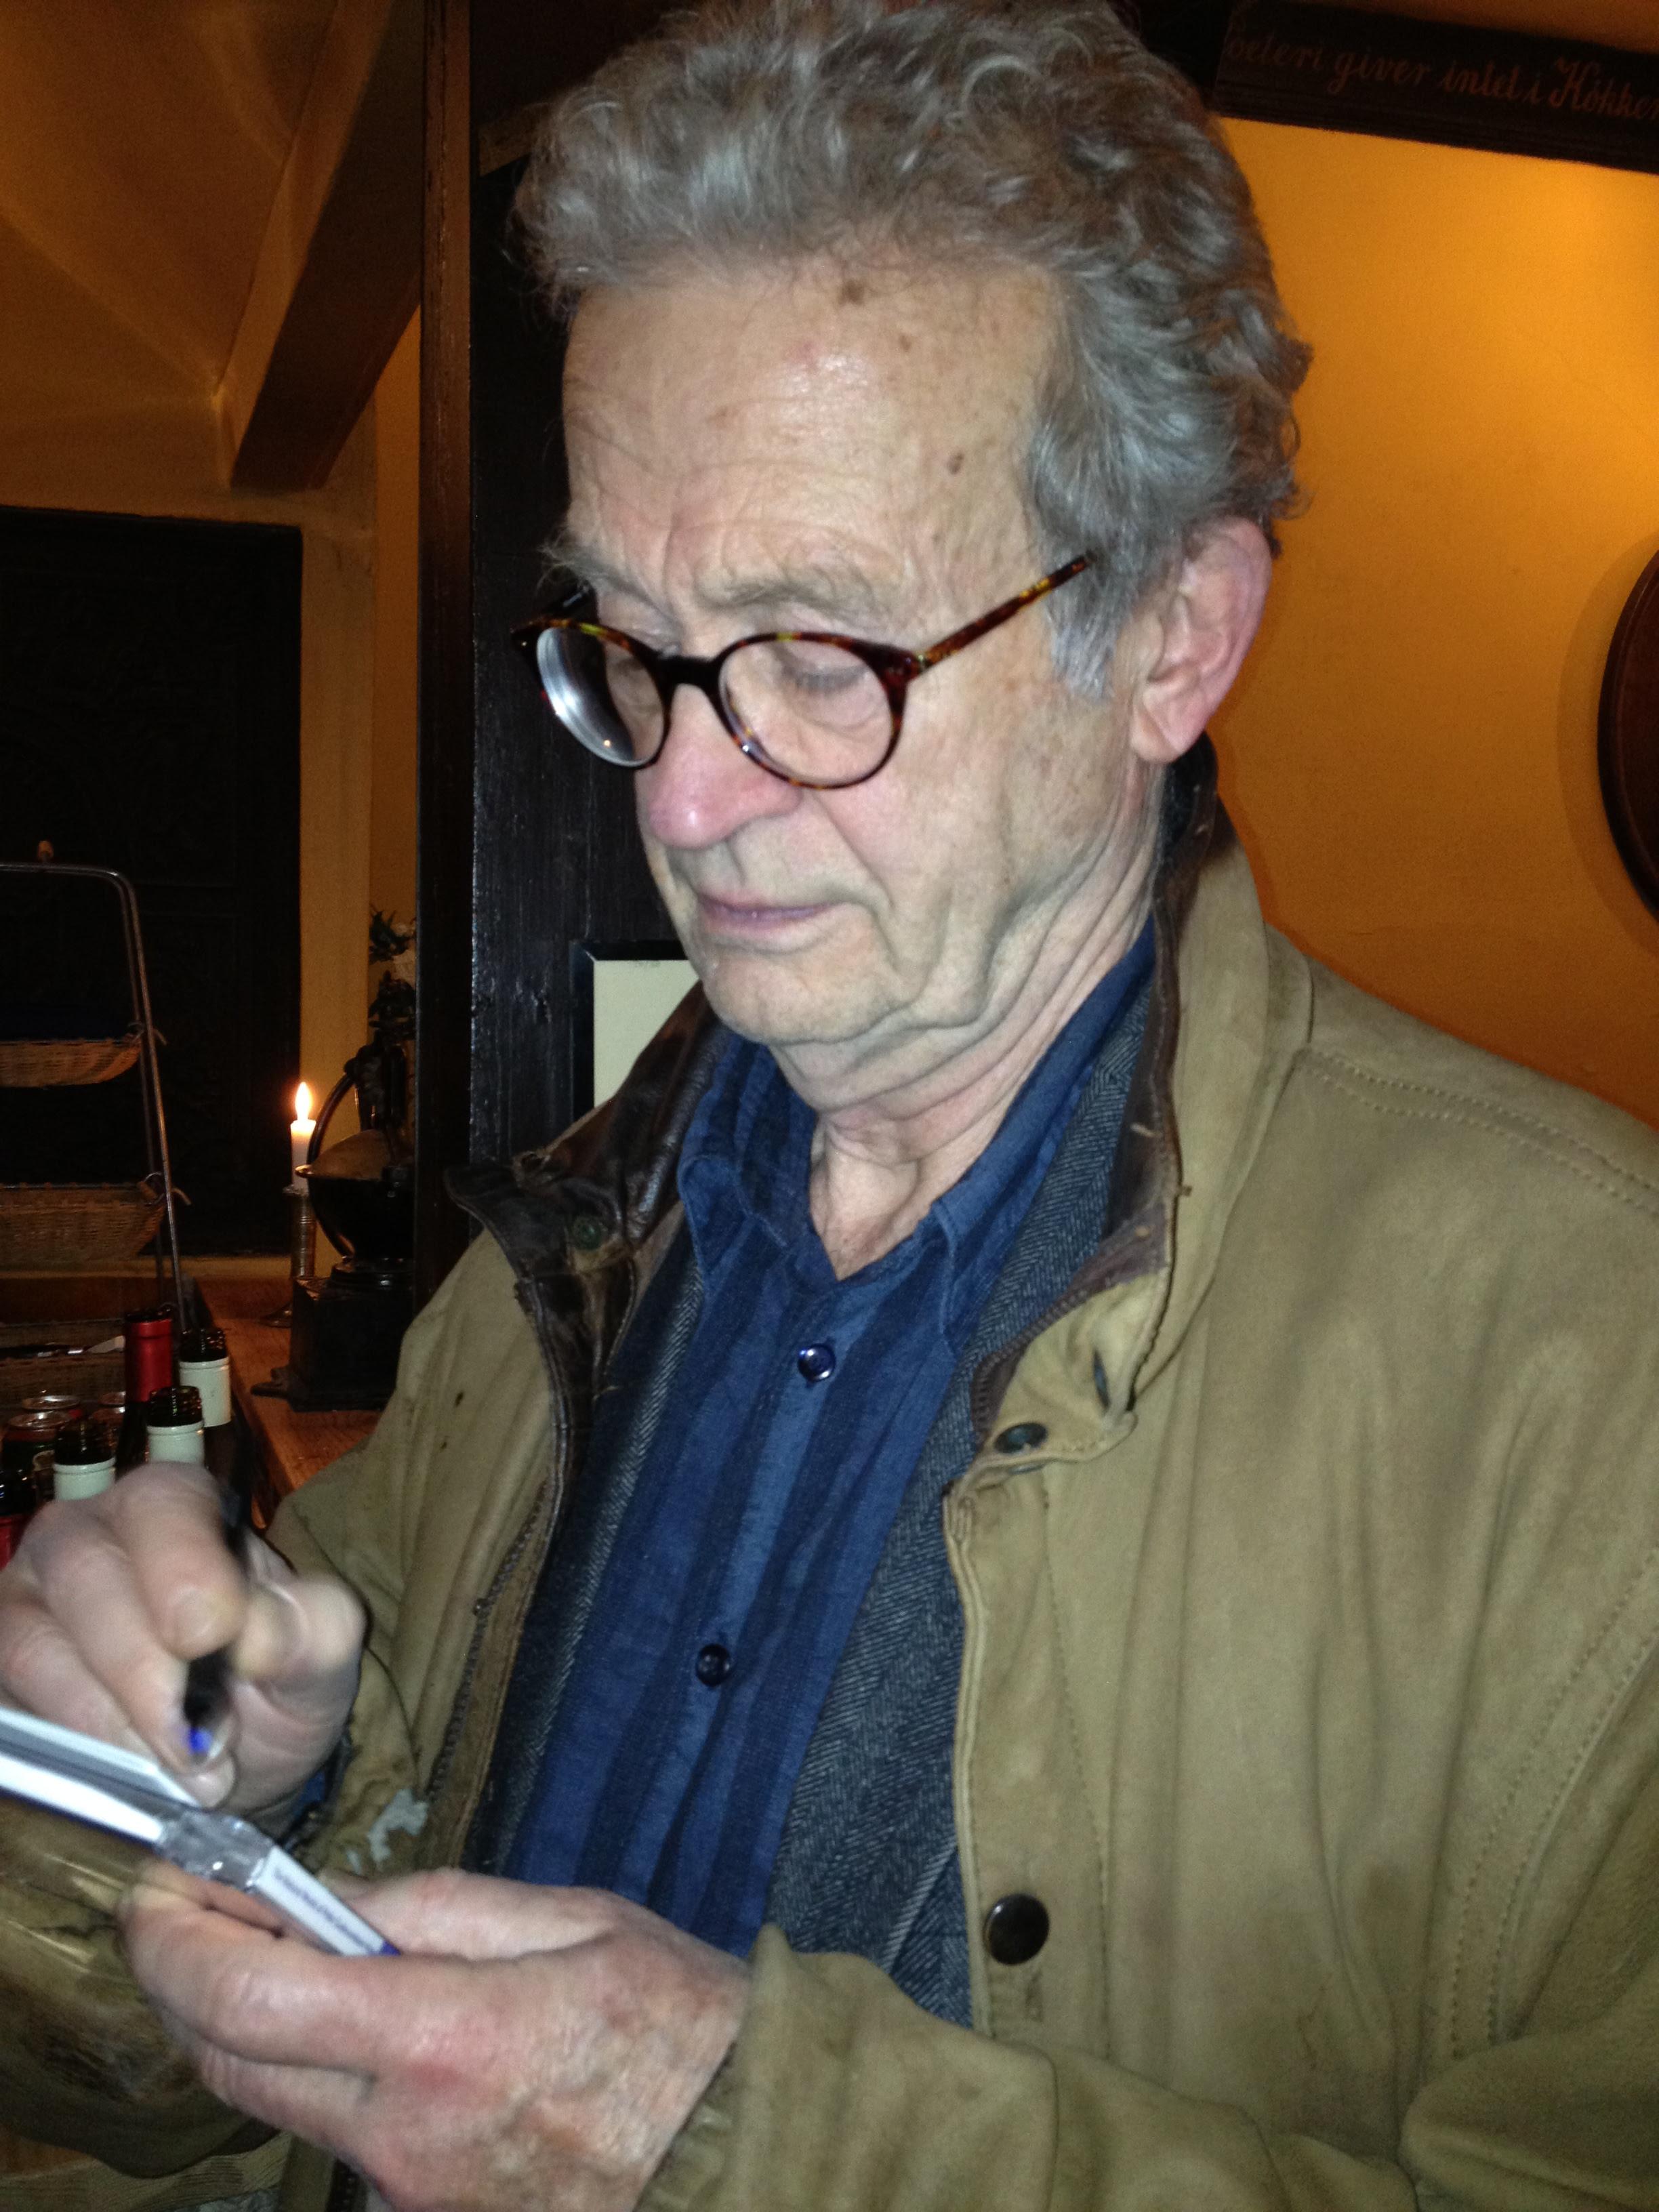 http://upload.wikimedia.org/wikipedia/commons/5/51/Pelle_Gudmundsen-Holmgreen.jpg